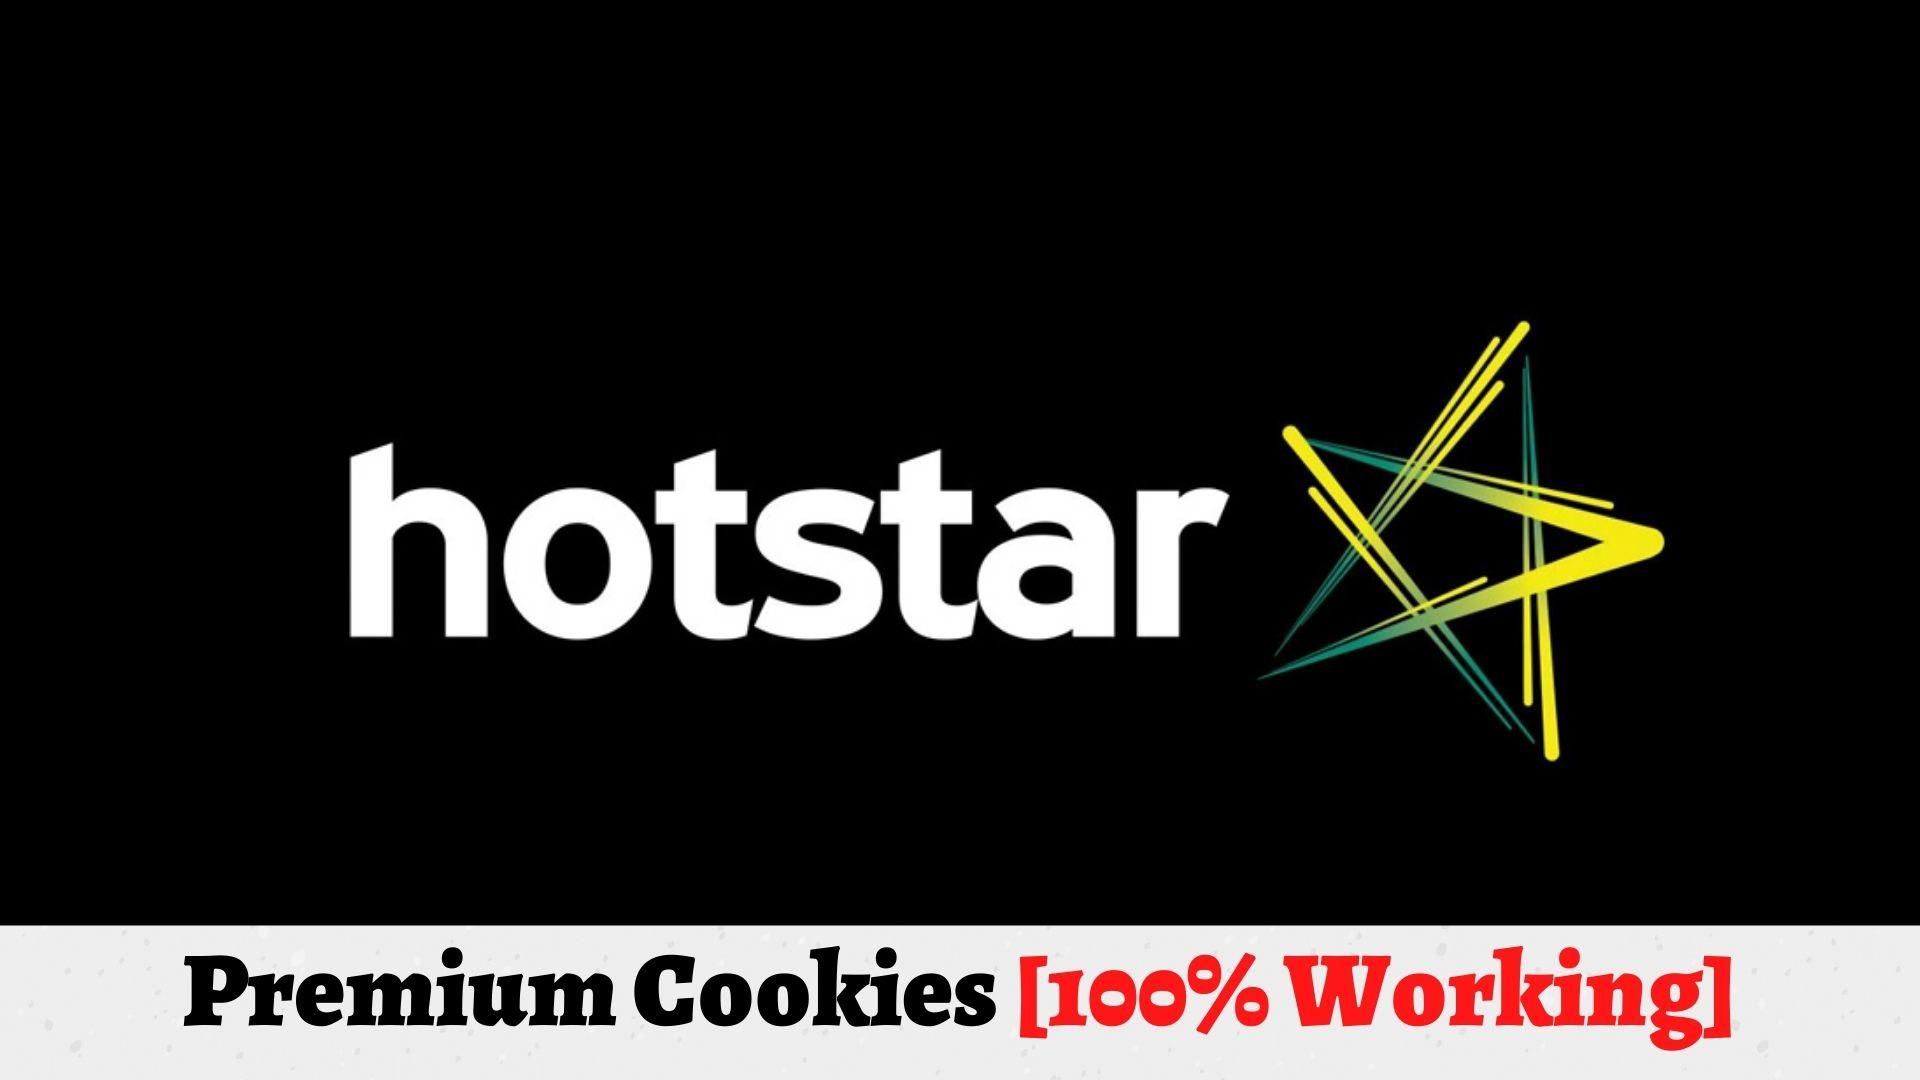 Hotstar Cookies